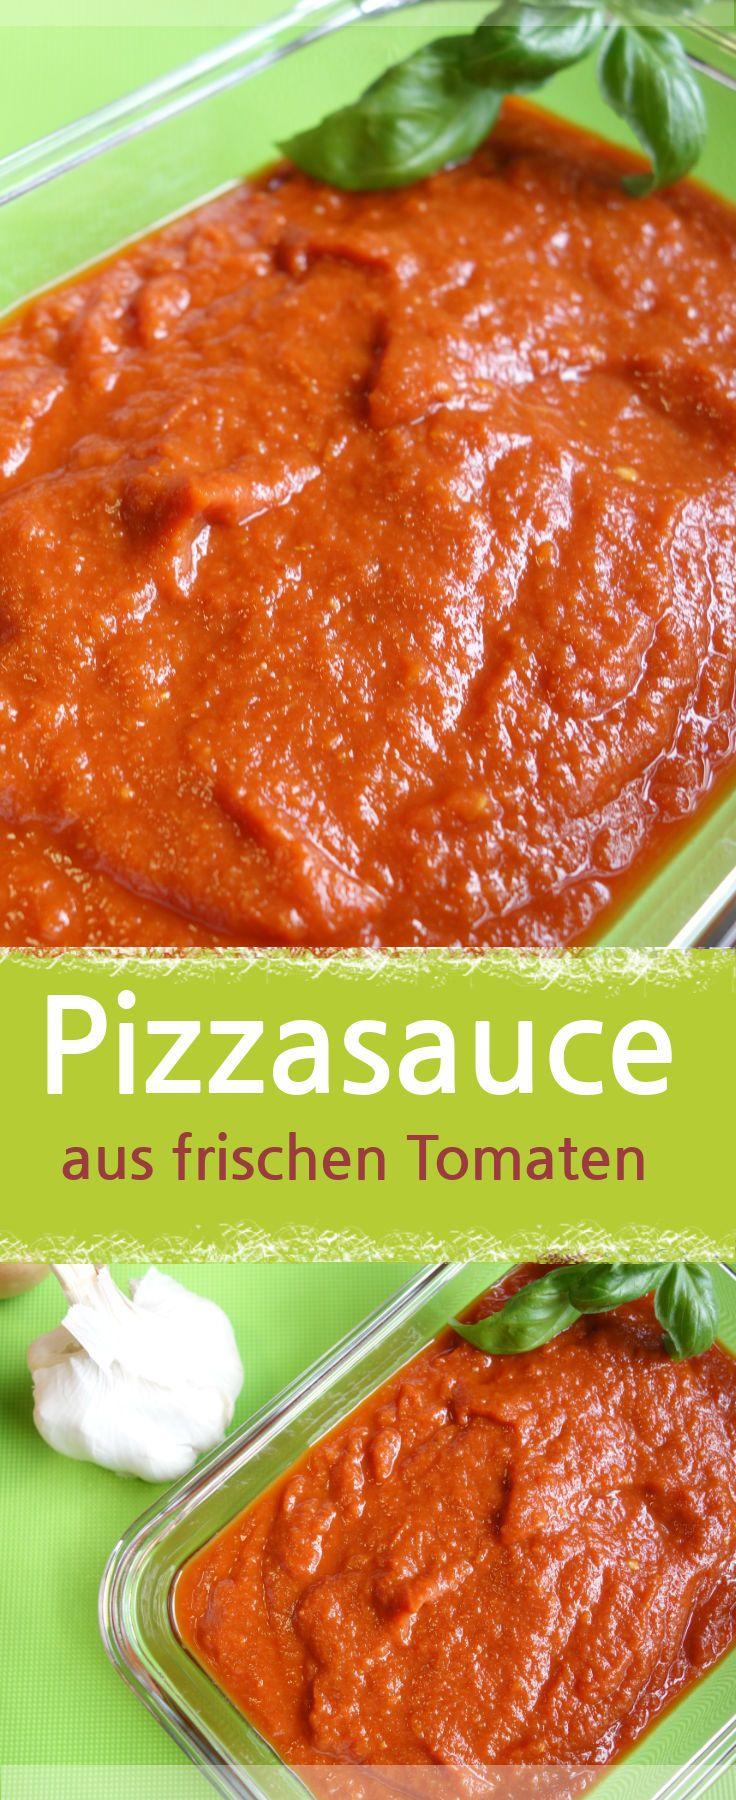 Pizzasauce Selber Machen Mit Frischen Bio Tomaten Meinestube Rezept Pizzasauce Rezepte Tomaten